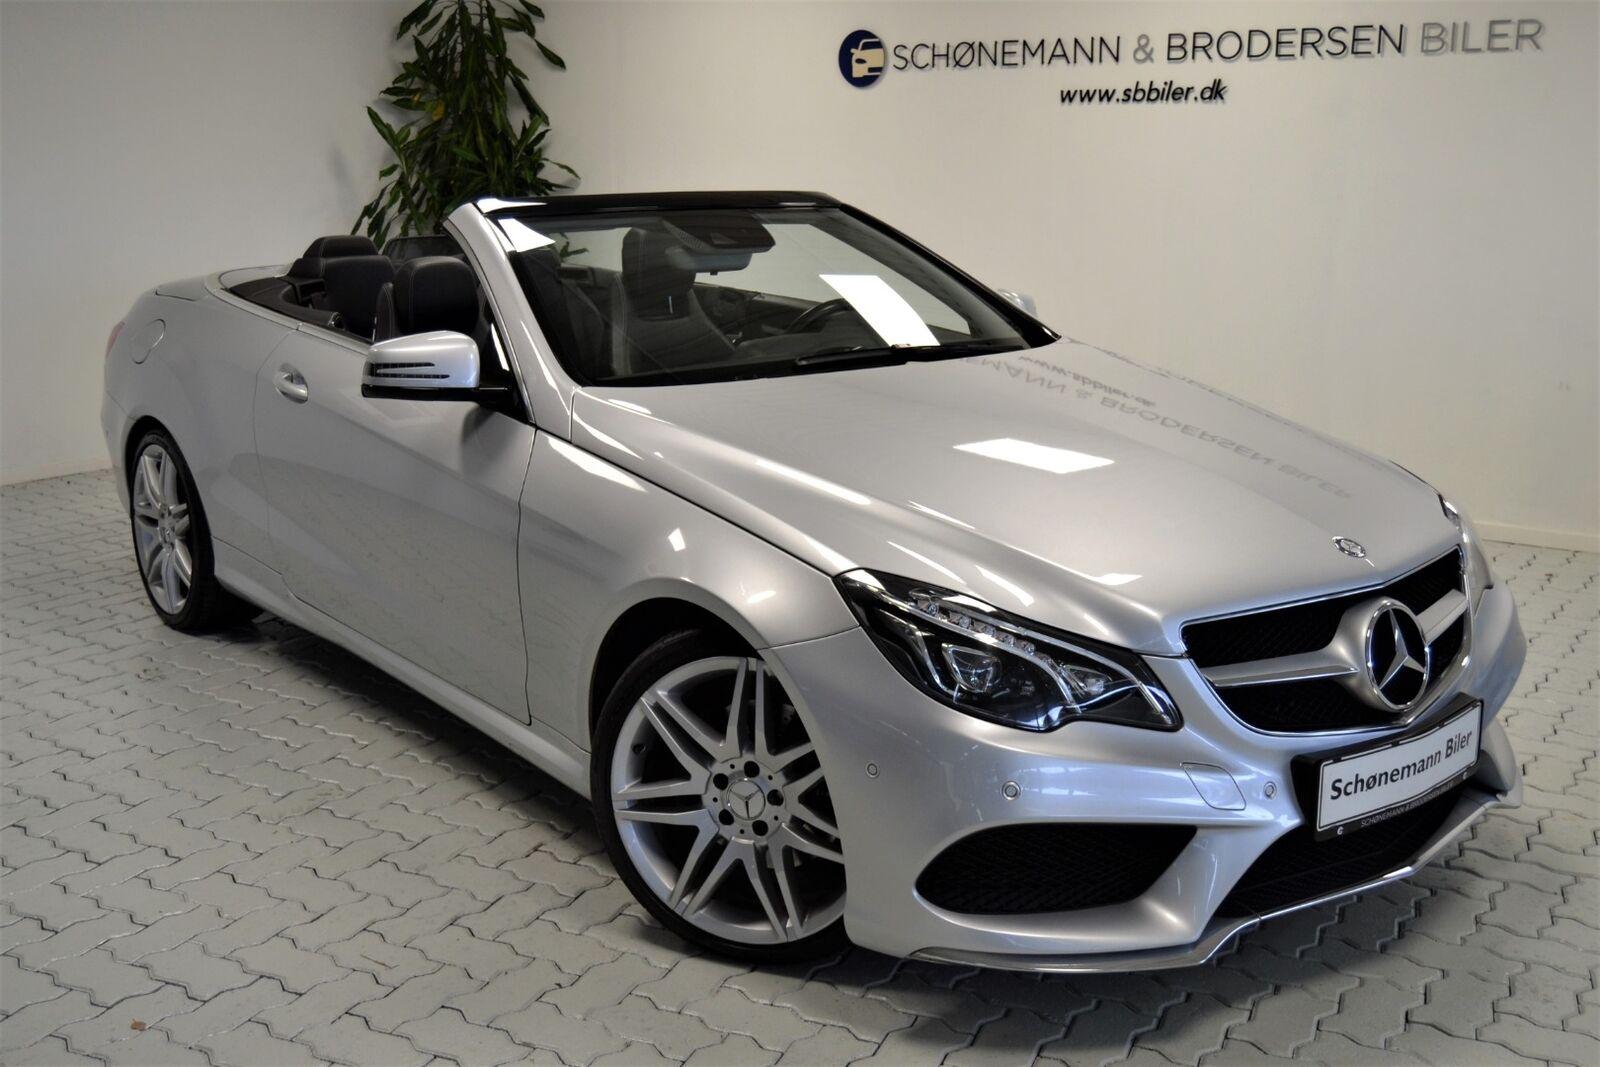 Mercedes E350 3,0 BlueTEC AMG Line Cabriolet aut 2d - 499.900 kr.